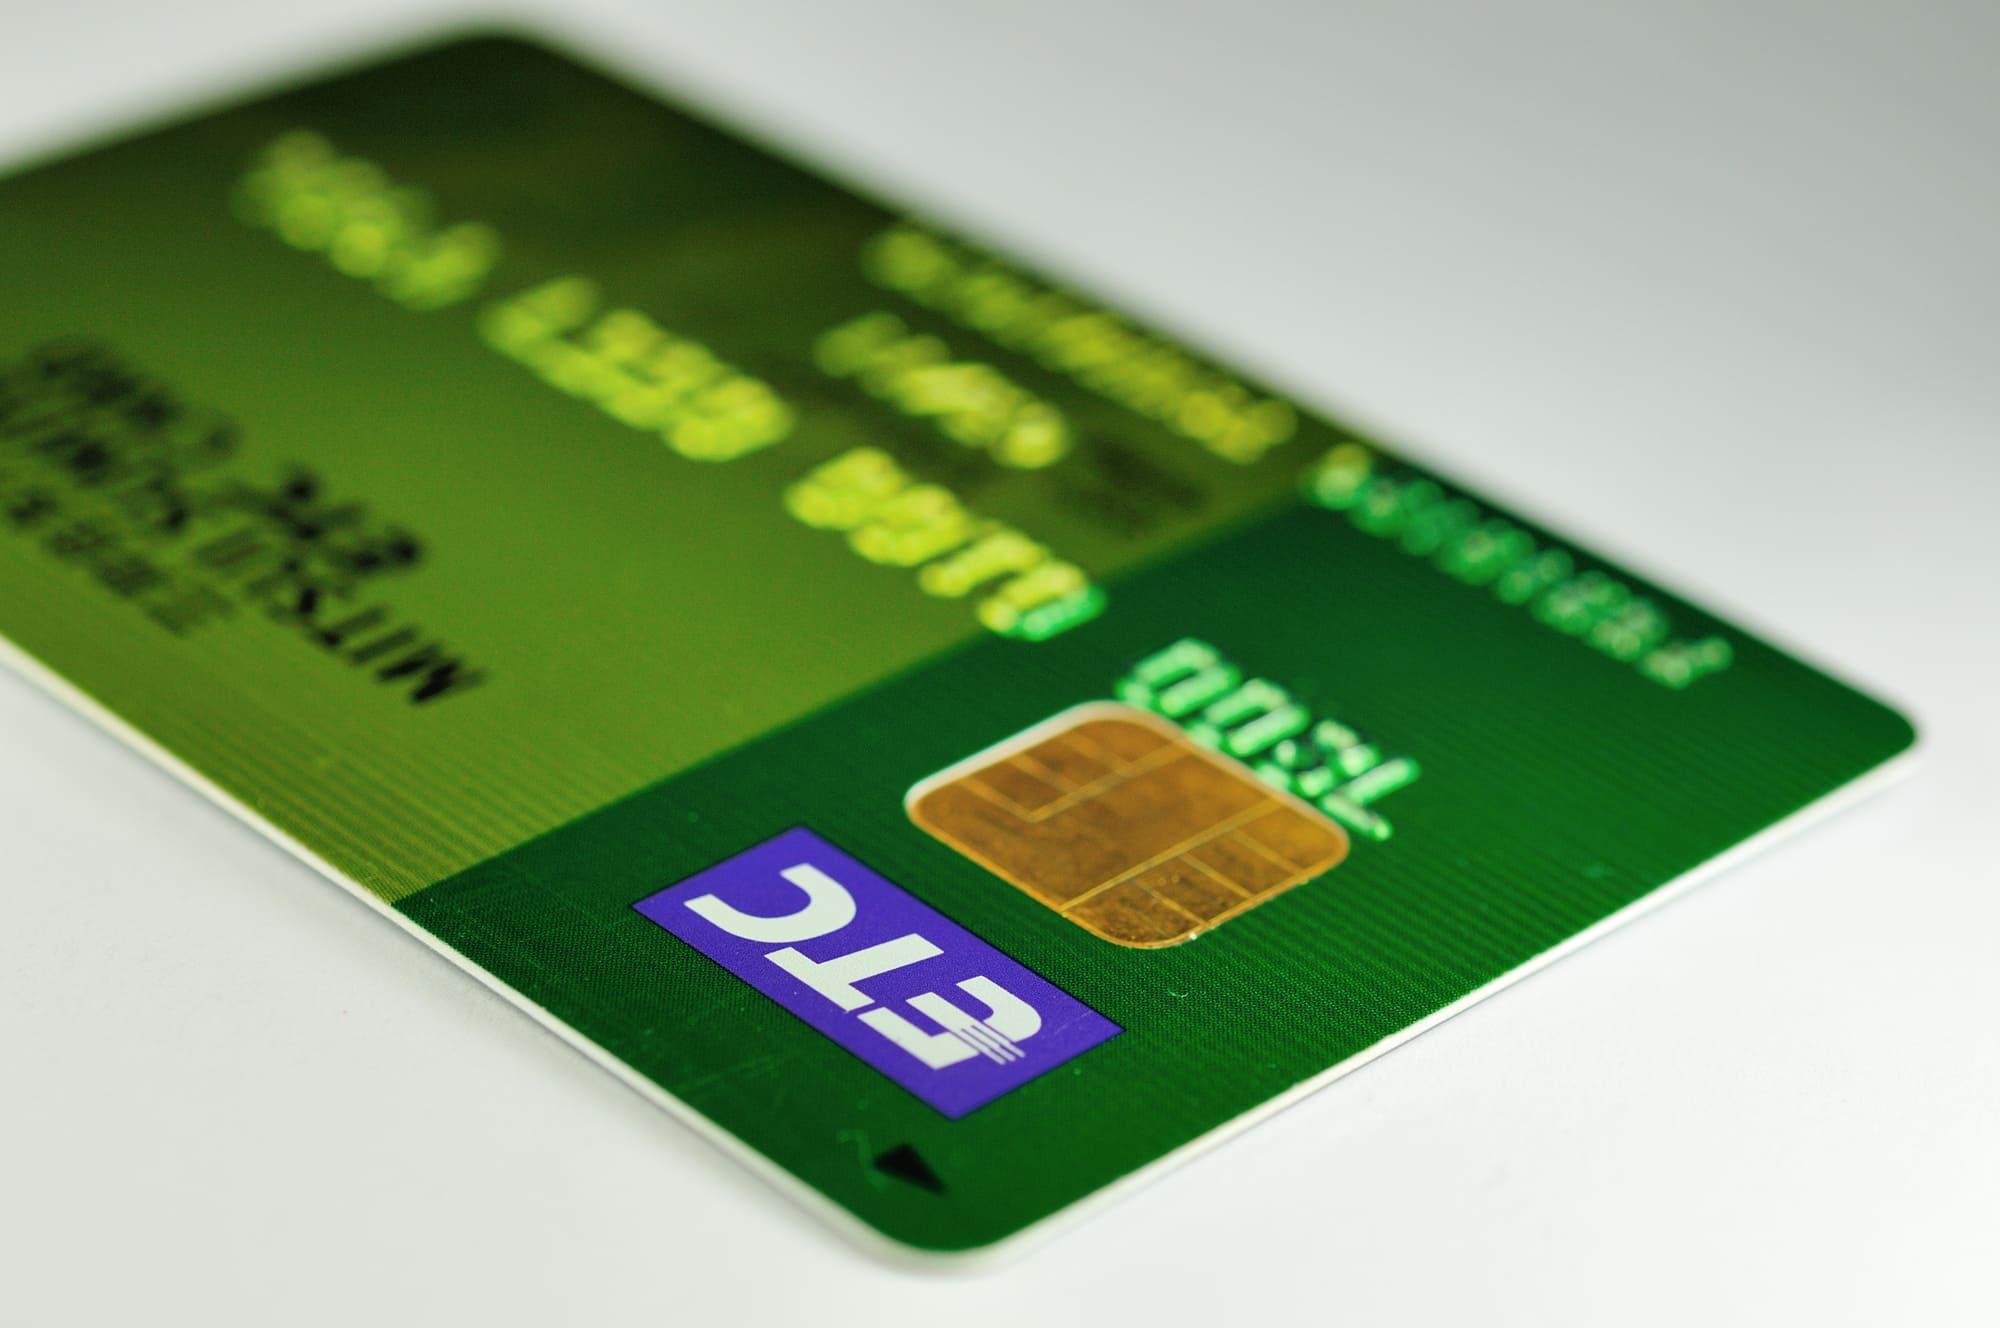 法人ETCカードの作り方と審査通過確率の高いおすすめ法人カードを解説